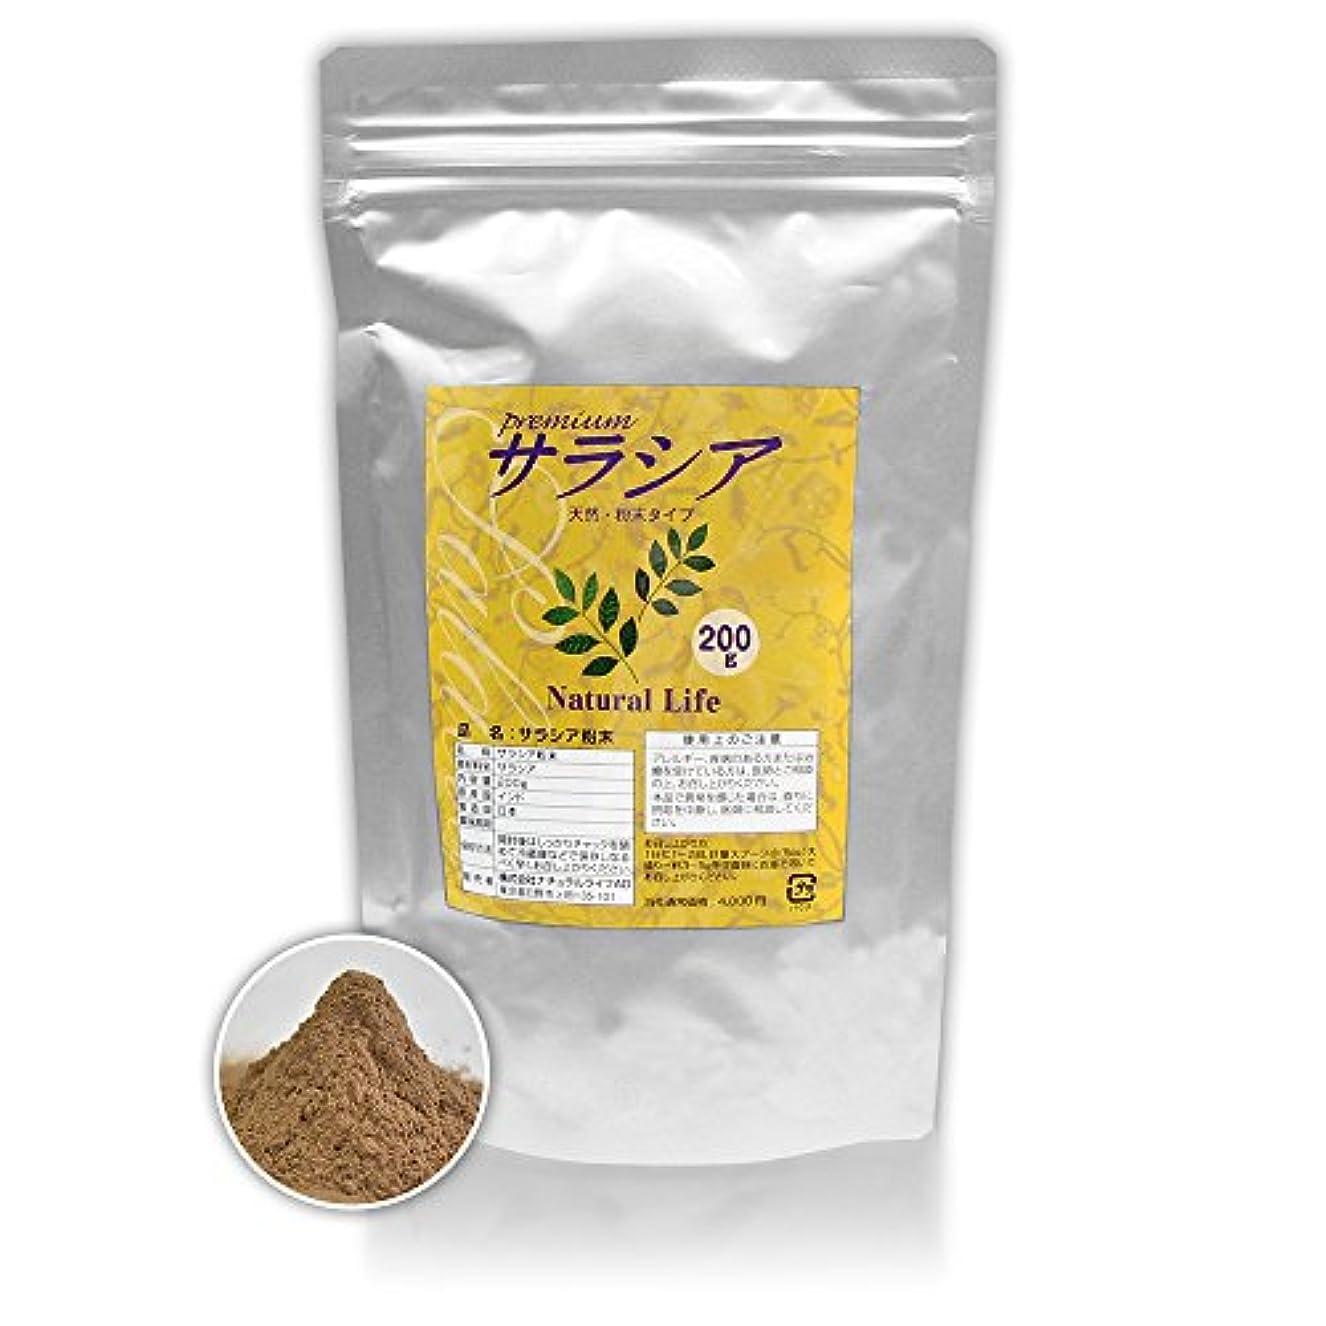 遠足タブレット審判サラシア粉末[200g]天然ピュア原料(無添加)健康食品(さらしあ,レティキュラータ)